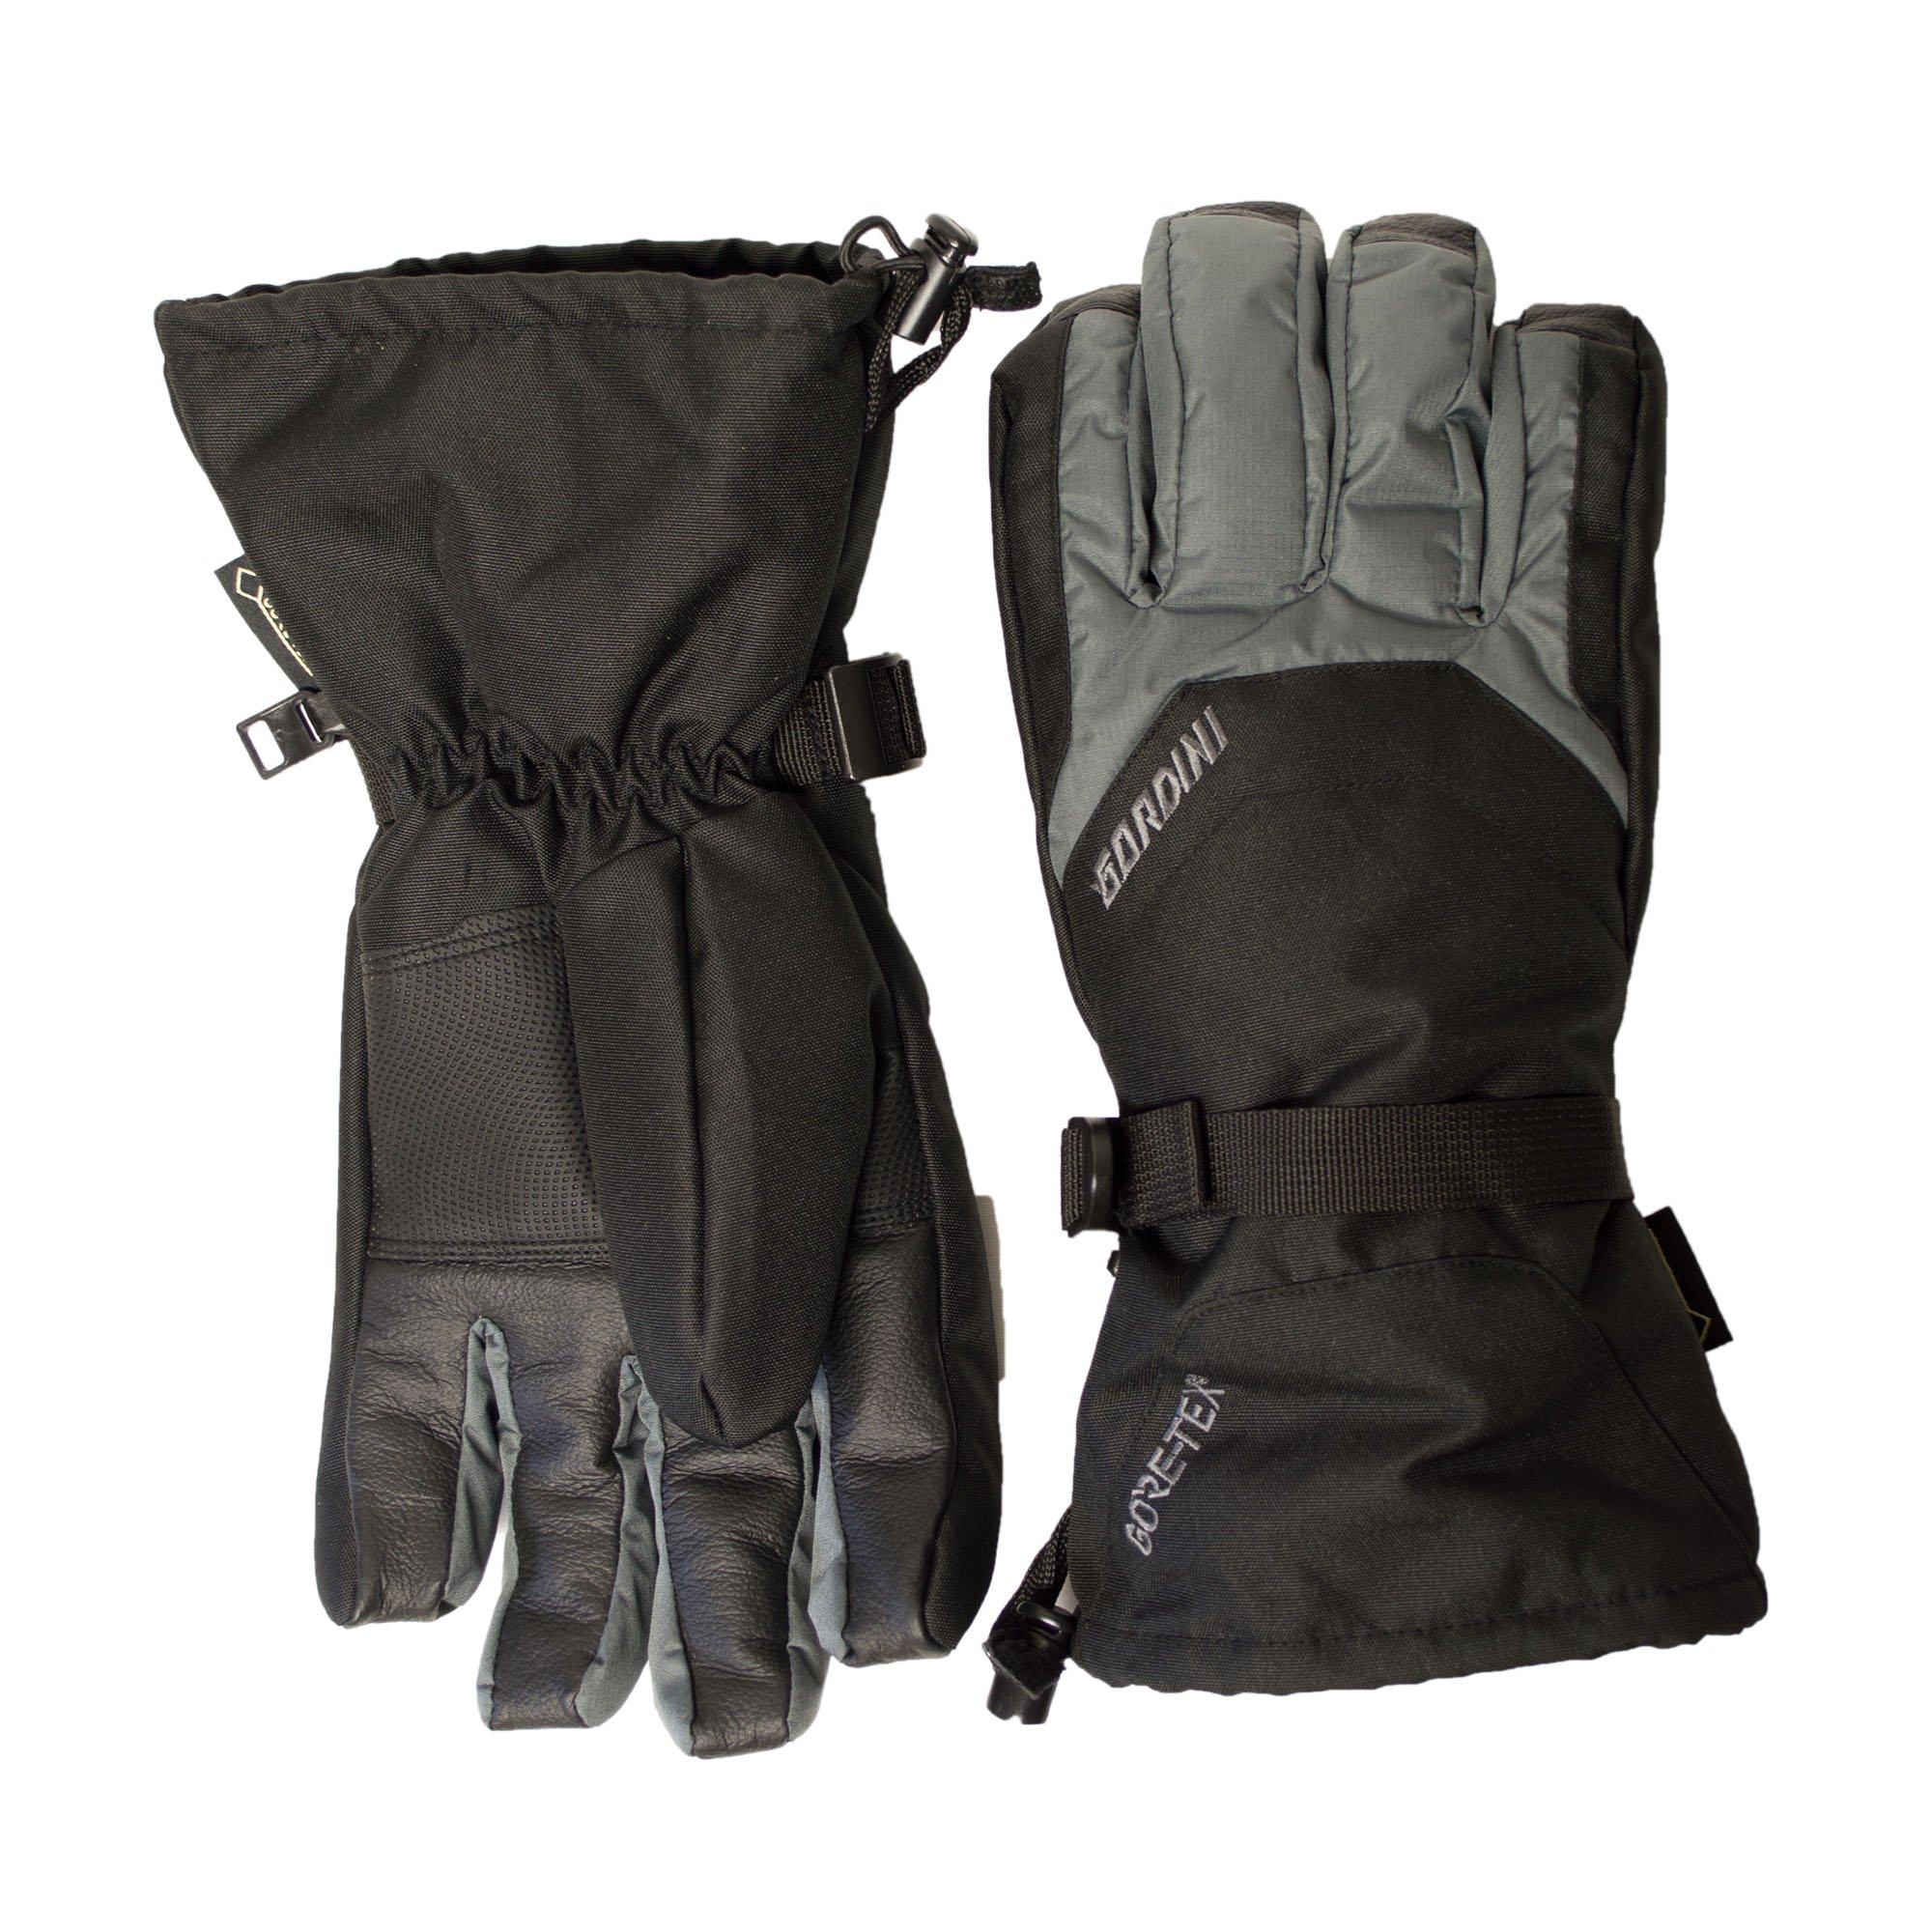 Gordini Gore-Tex Gauntlet Gloves-Black/Gunmetal-Medium